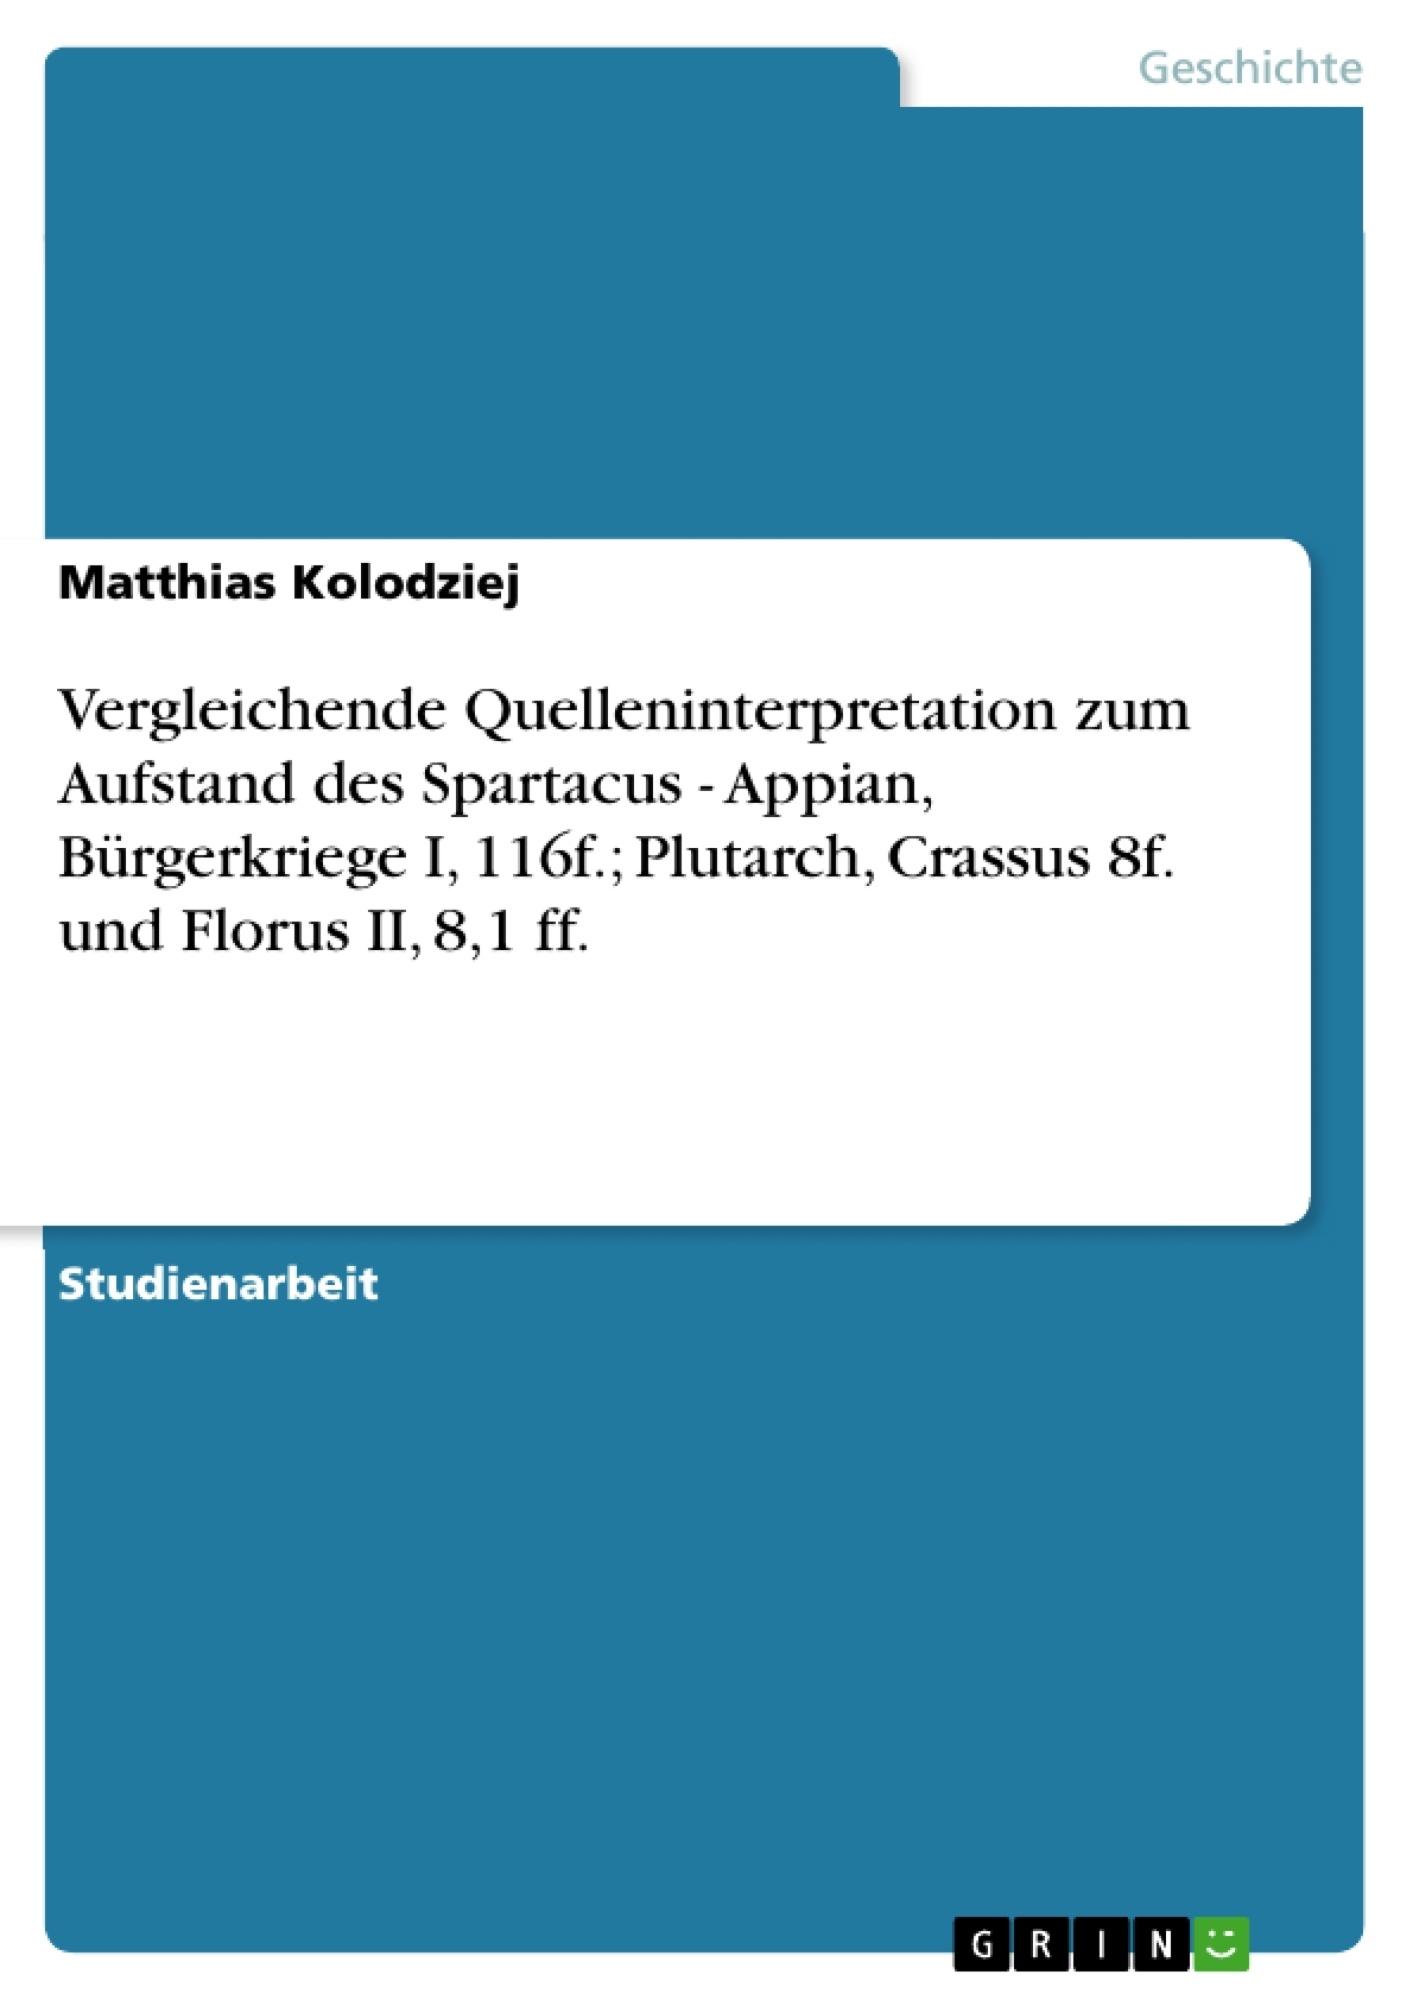 Titel: Vergleichende Quelleninterpretation zum Aufstand des Spartacus - Appian, Bürgerkriege I, 116f.; Plutarch, Crassus 8f. und Florus II, 8,1 ff.